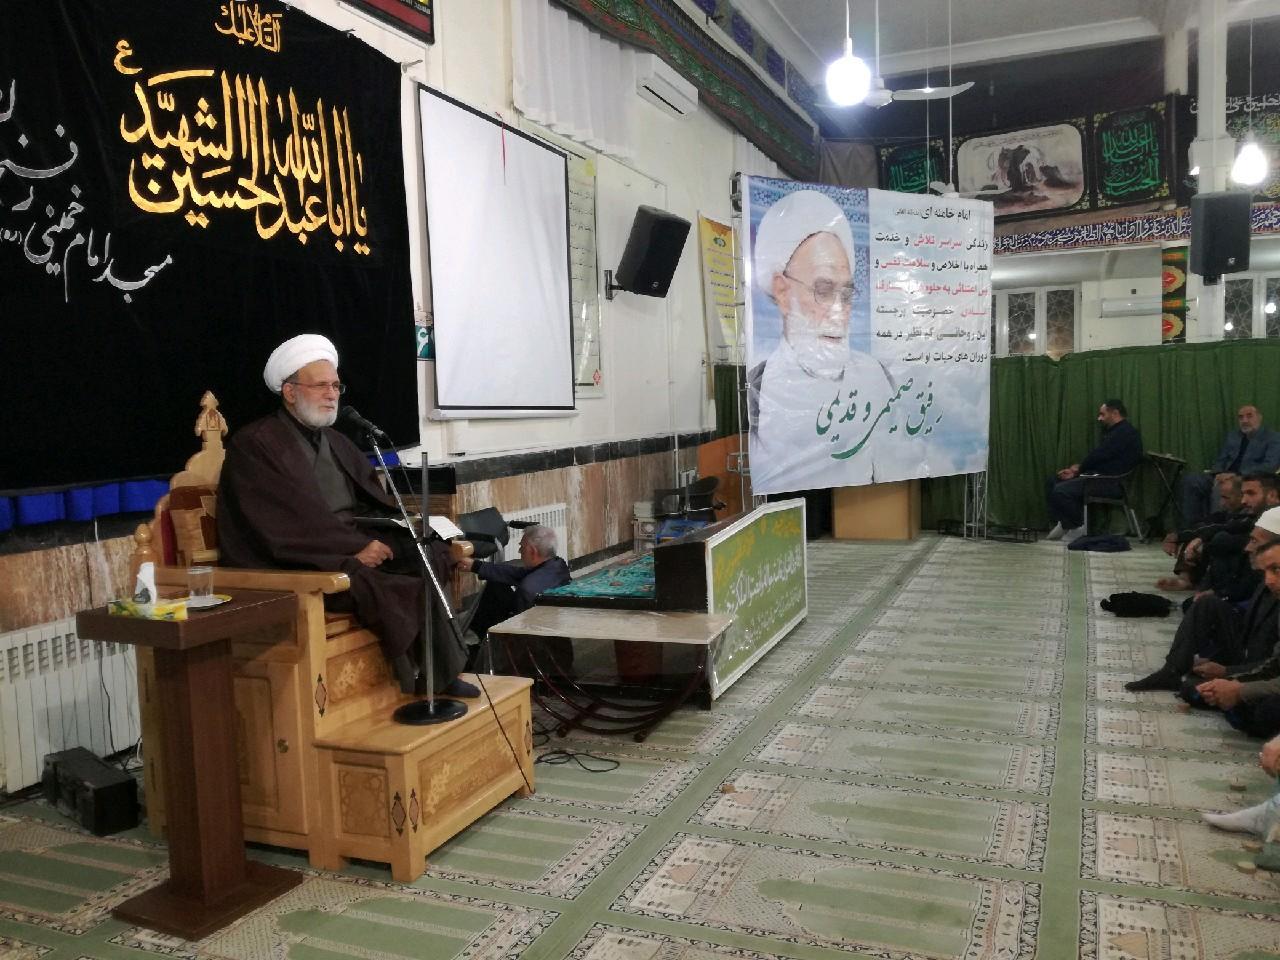 در رفسنجان؛ مراسم گرامیداشت حجتالاسلام شیخ عباس پورمحمدی یاردیرین امام و رهبری